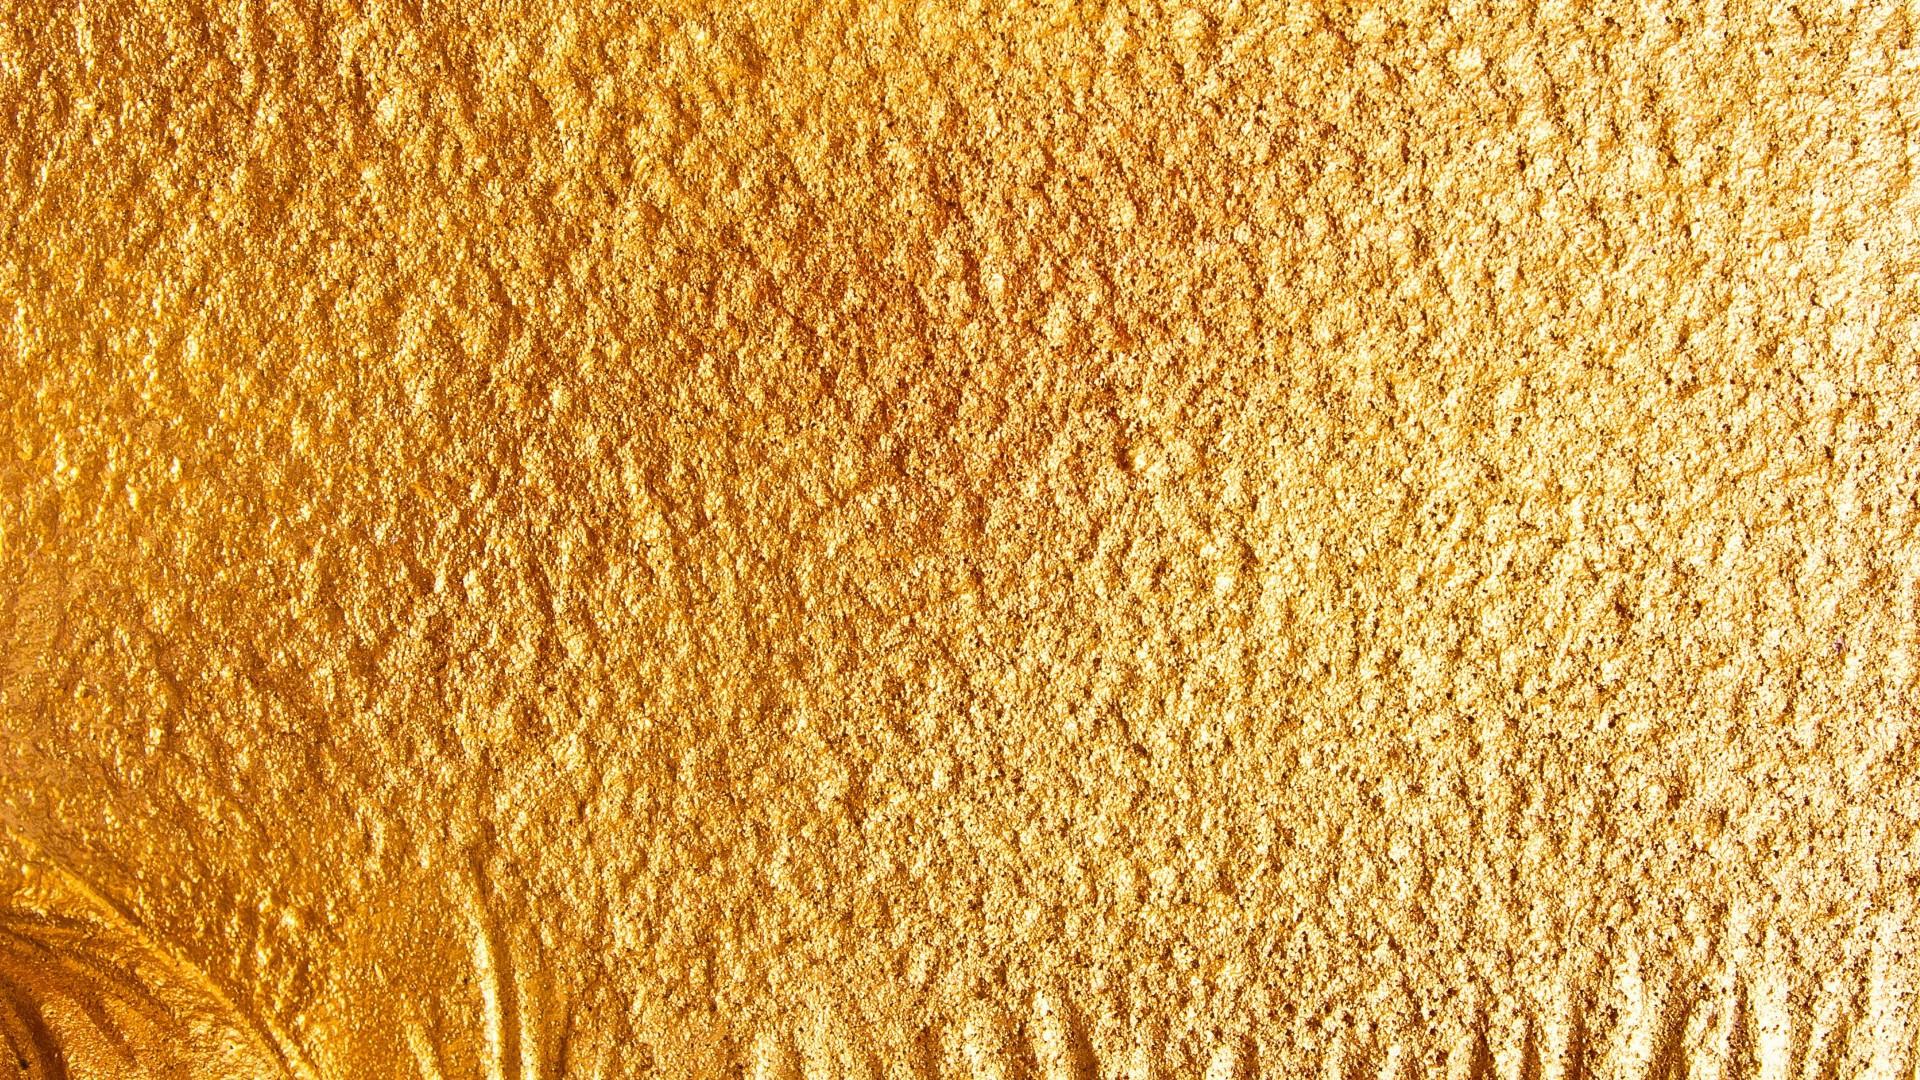 Sand Wind HD desktop wallpaper High Definition Fullscreen